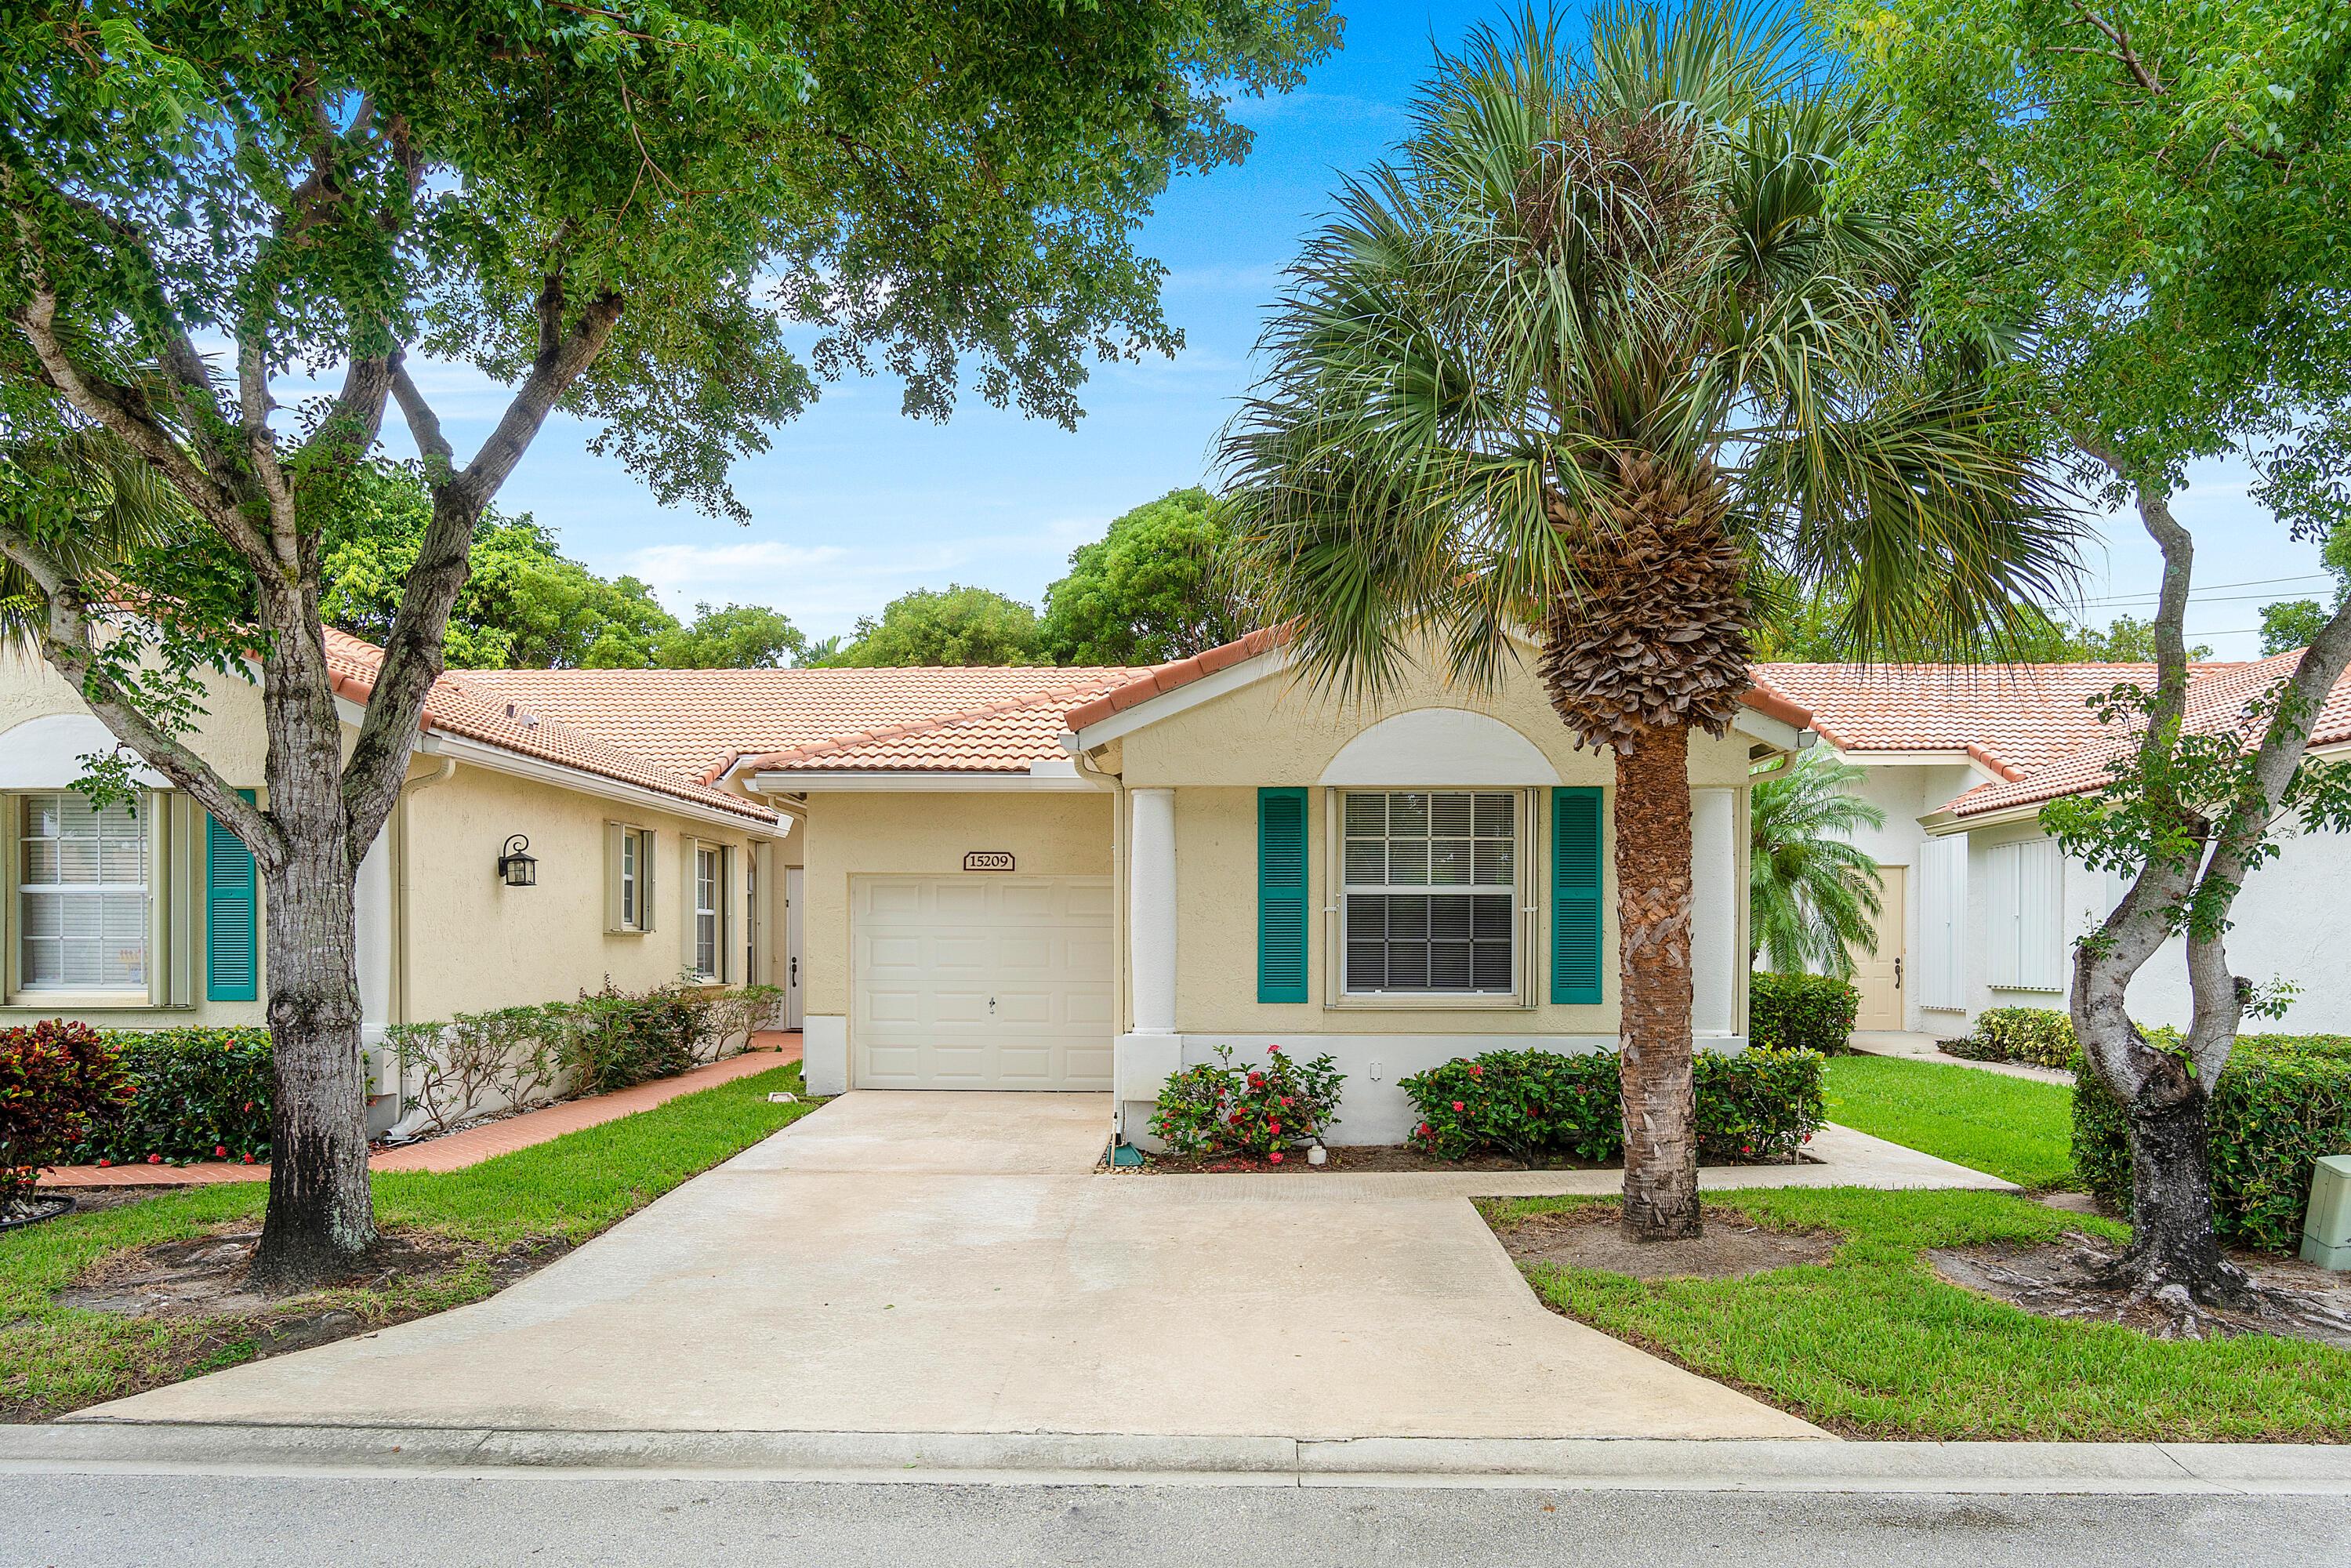 15209 Ixora Road, Delray Beach, Florida 33484, 3 Bedrooms Bedrooms, ,2 BathroomsBathrooms,A,Villa,Ixora,RX-10729688